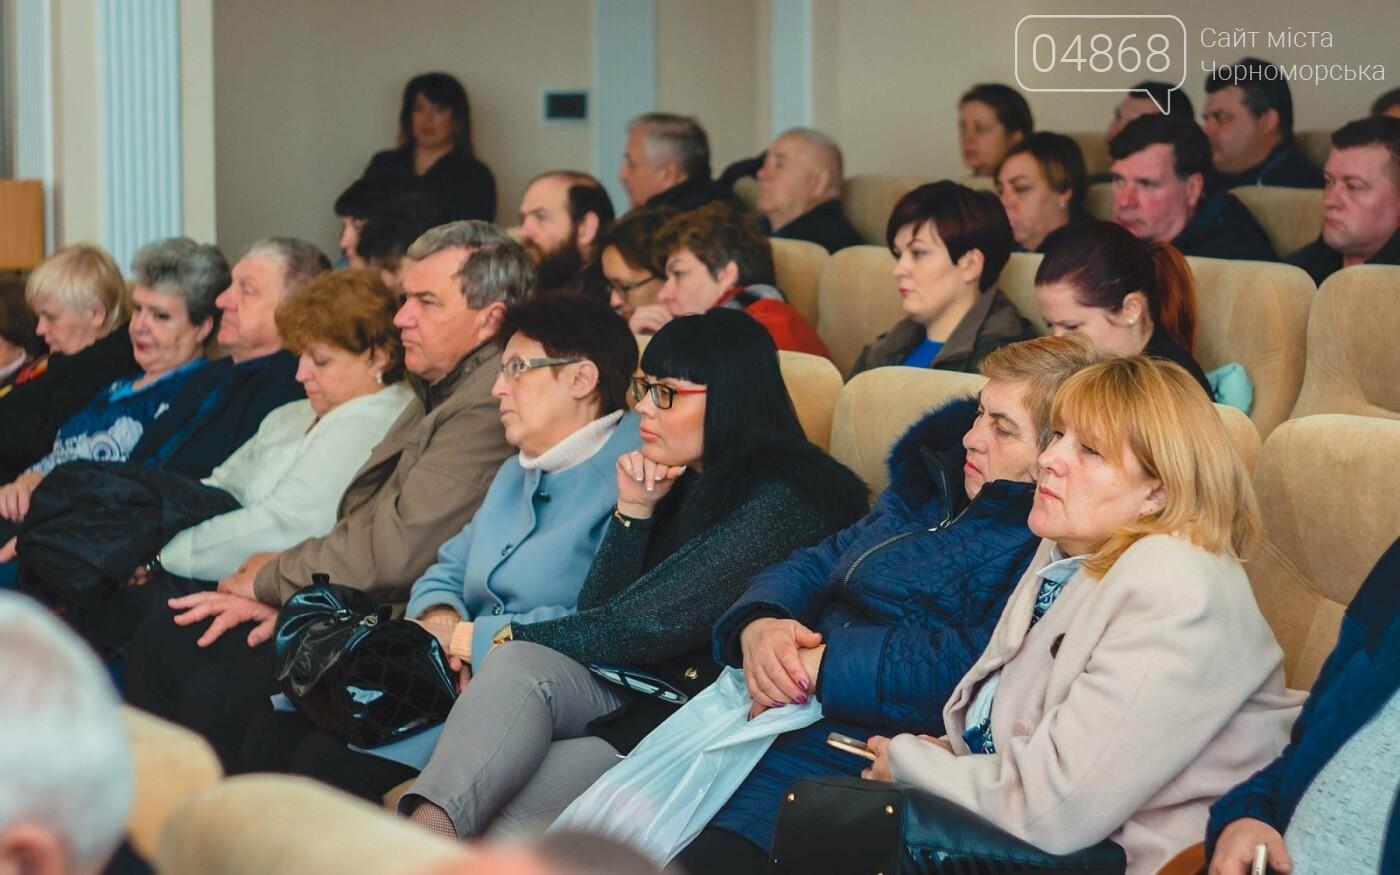 Предпринимателям Черноморска напомнили о новых правилах благоустройства, фото-3